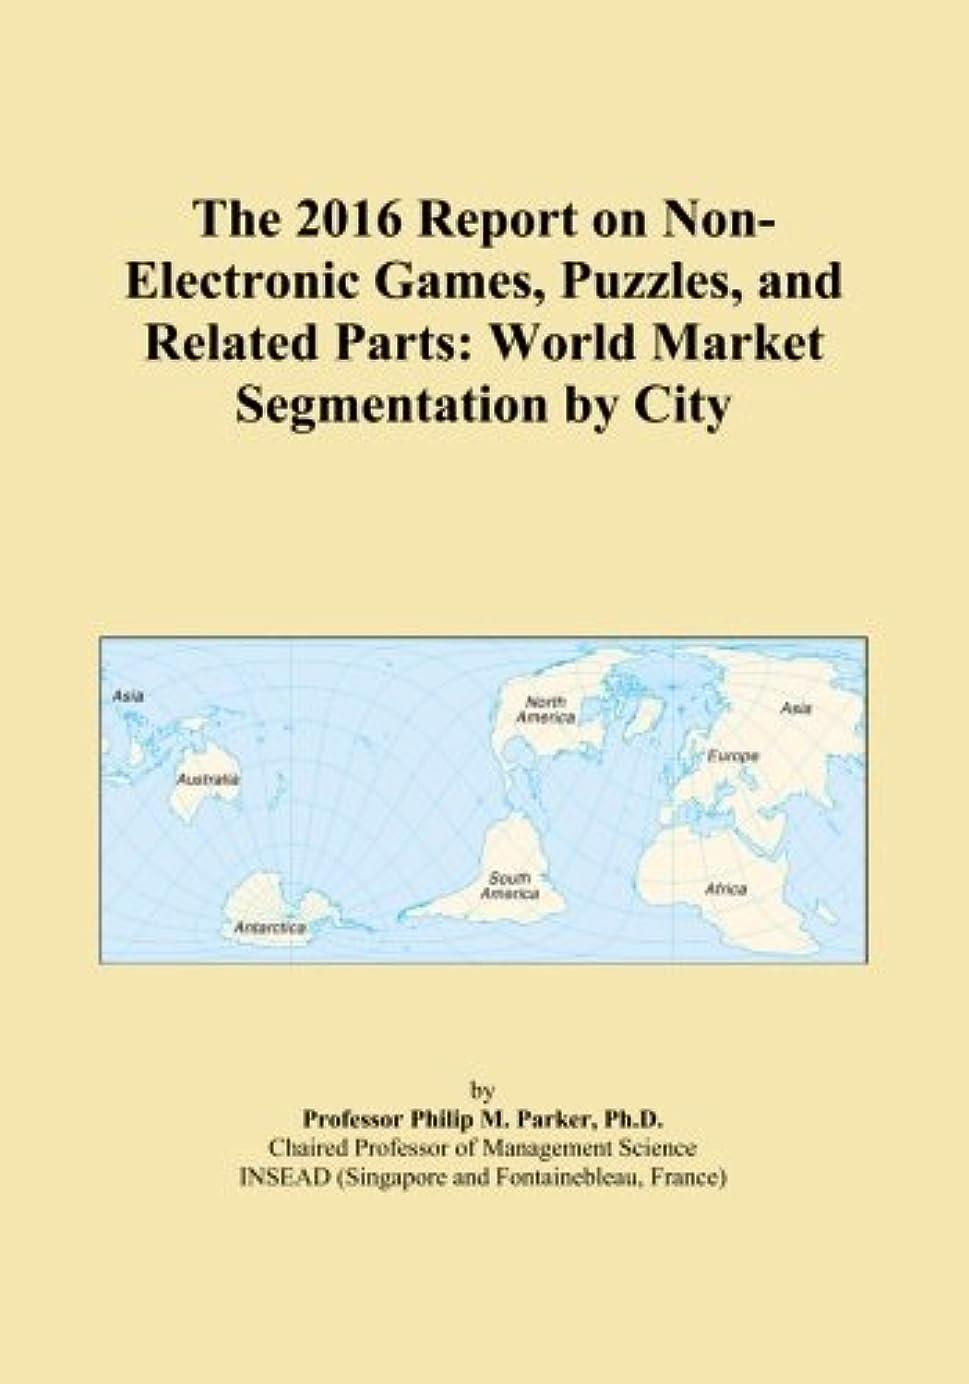 乳白肉腫現実的The 2016 Report on Non-Electronic Games, Puzzles, and Related Parts: World Market Segmentation by City